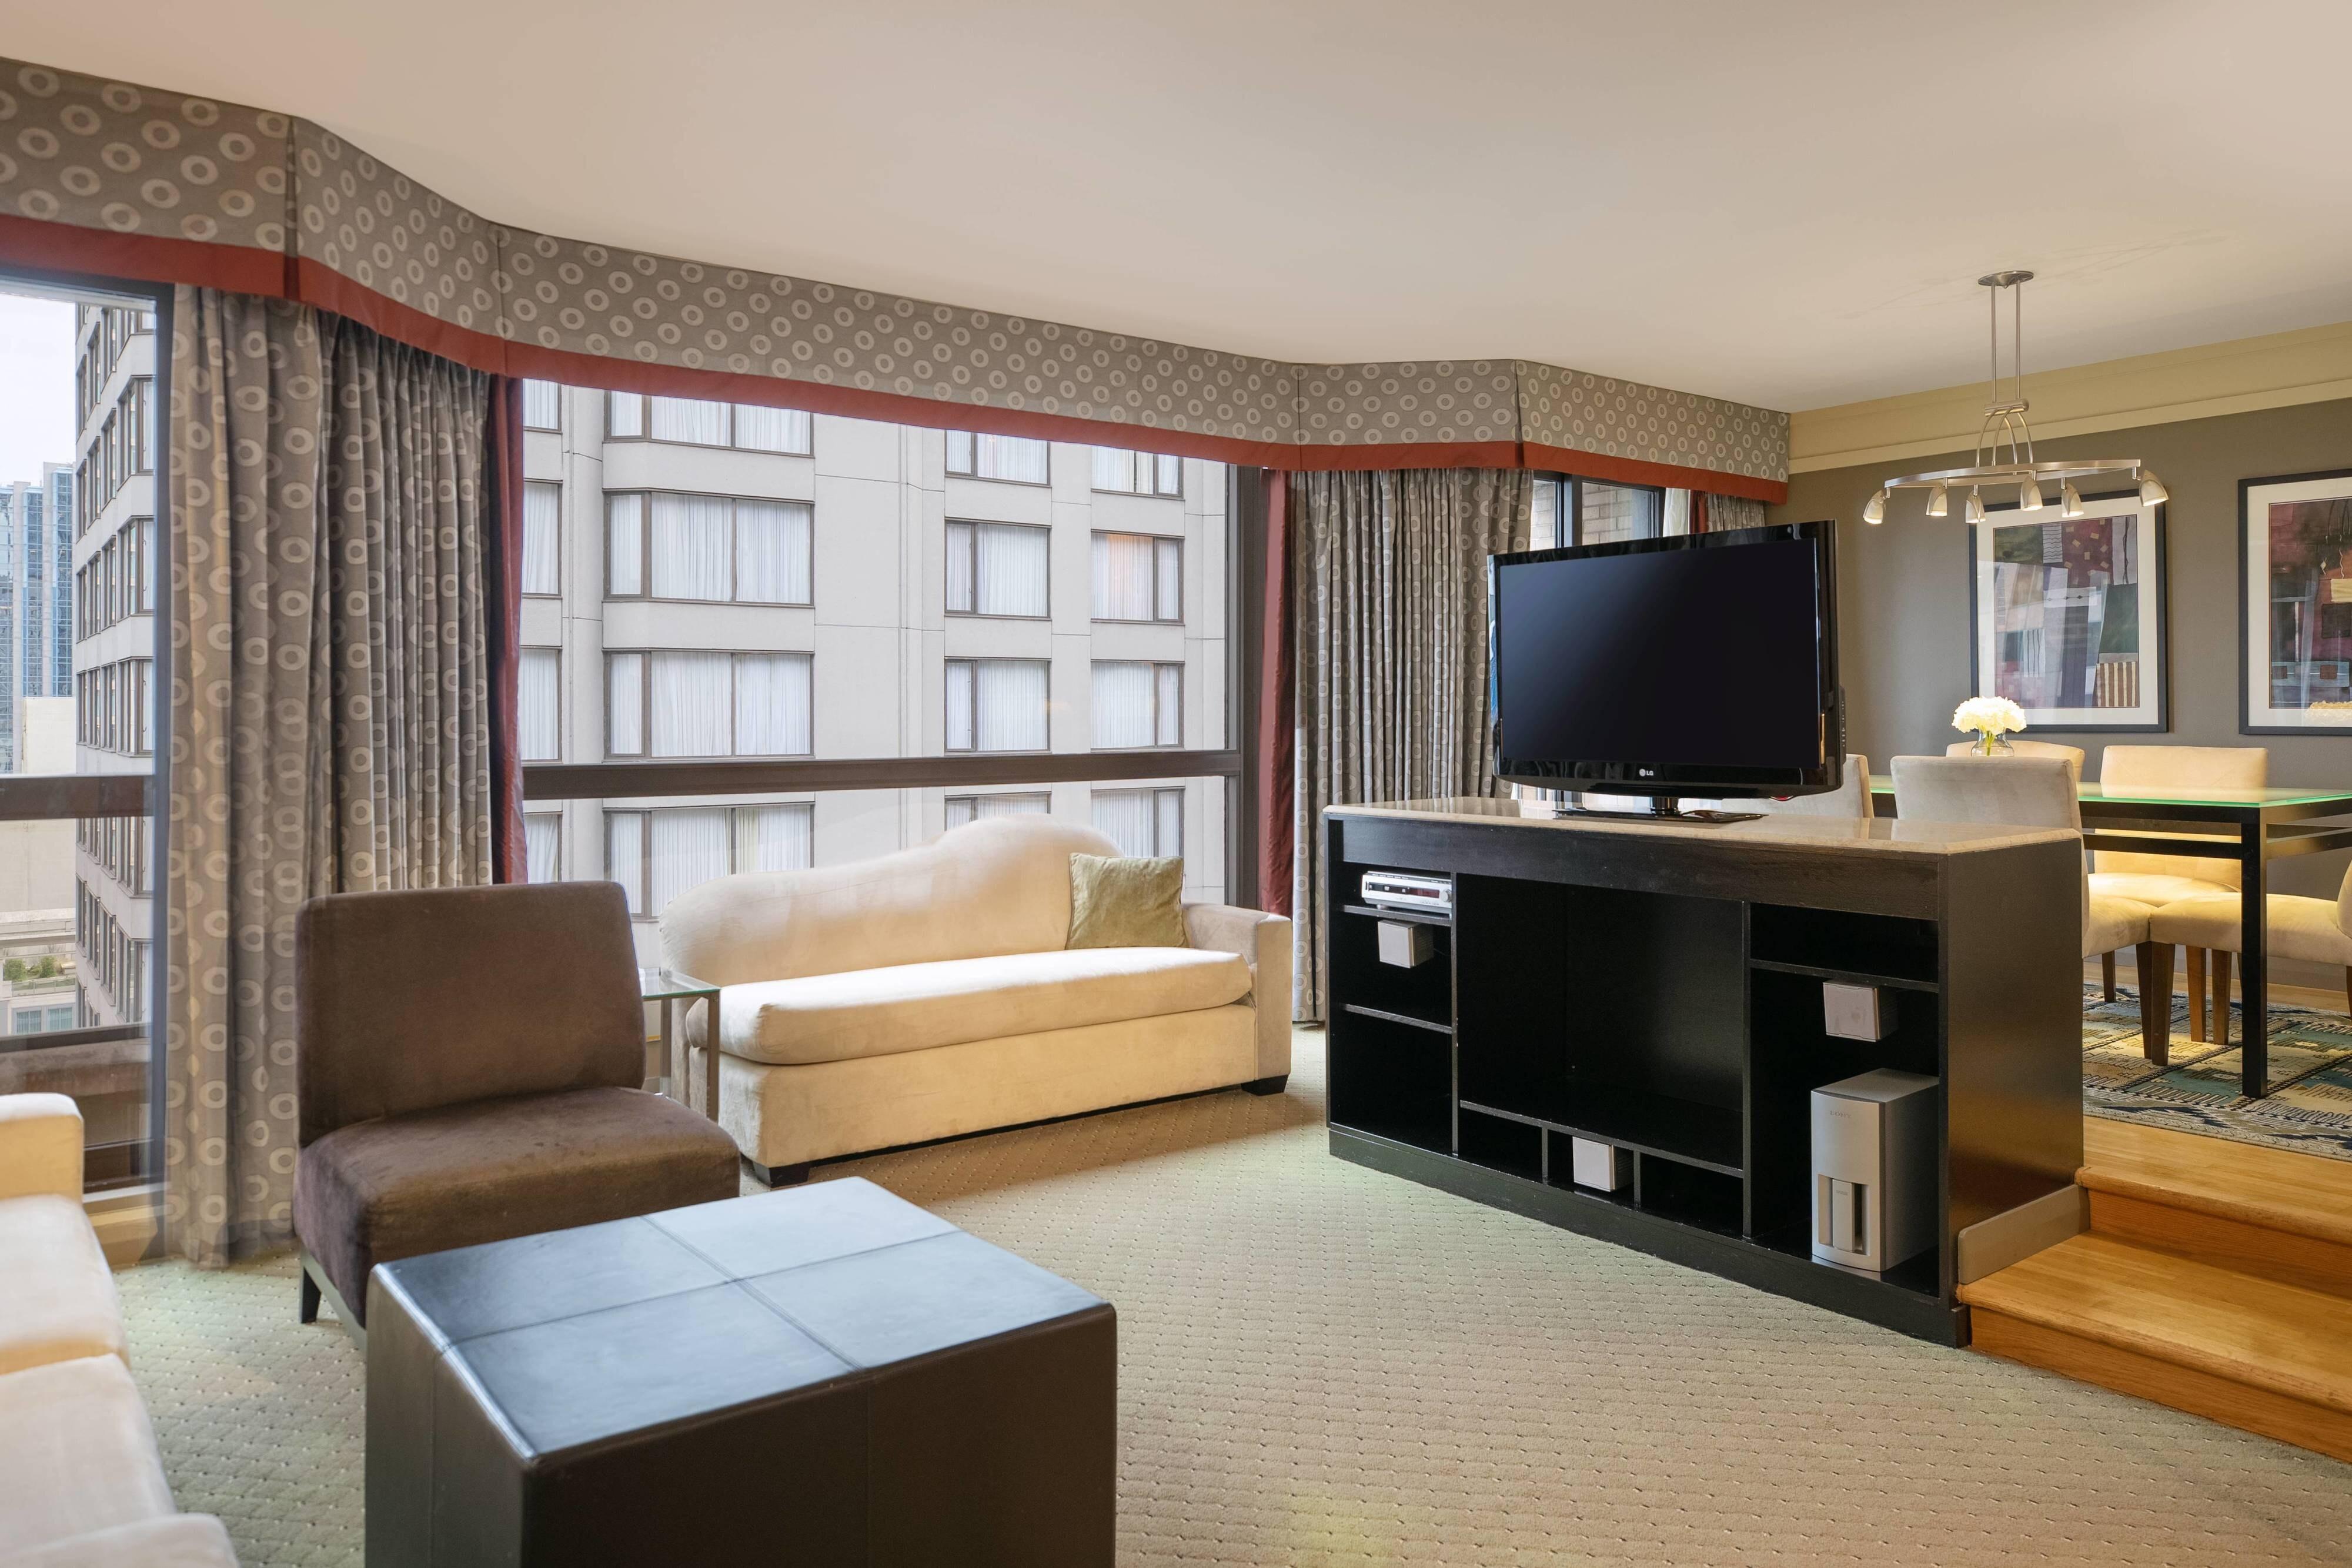 Suite im oberen Etagenbereich mit einem Schlafzimmer– Wohnzimmer